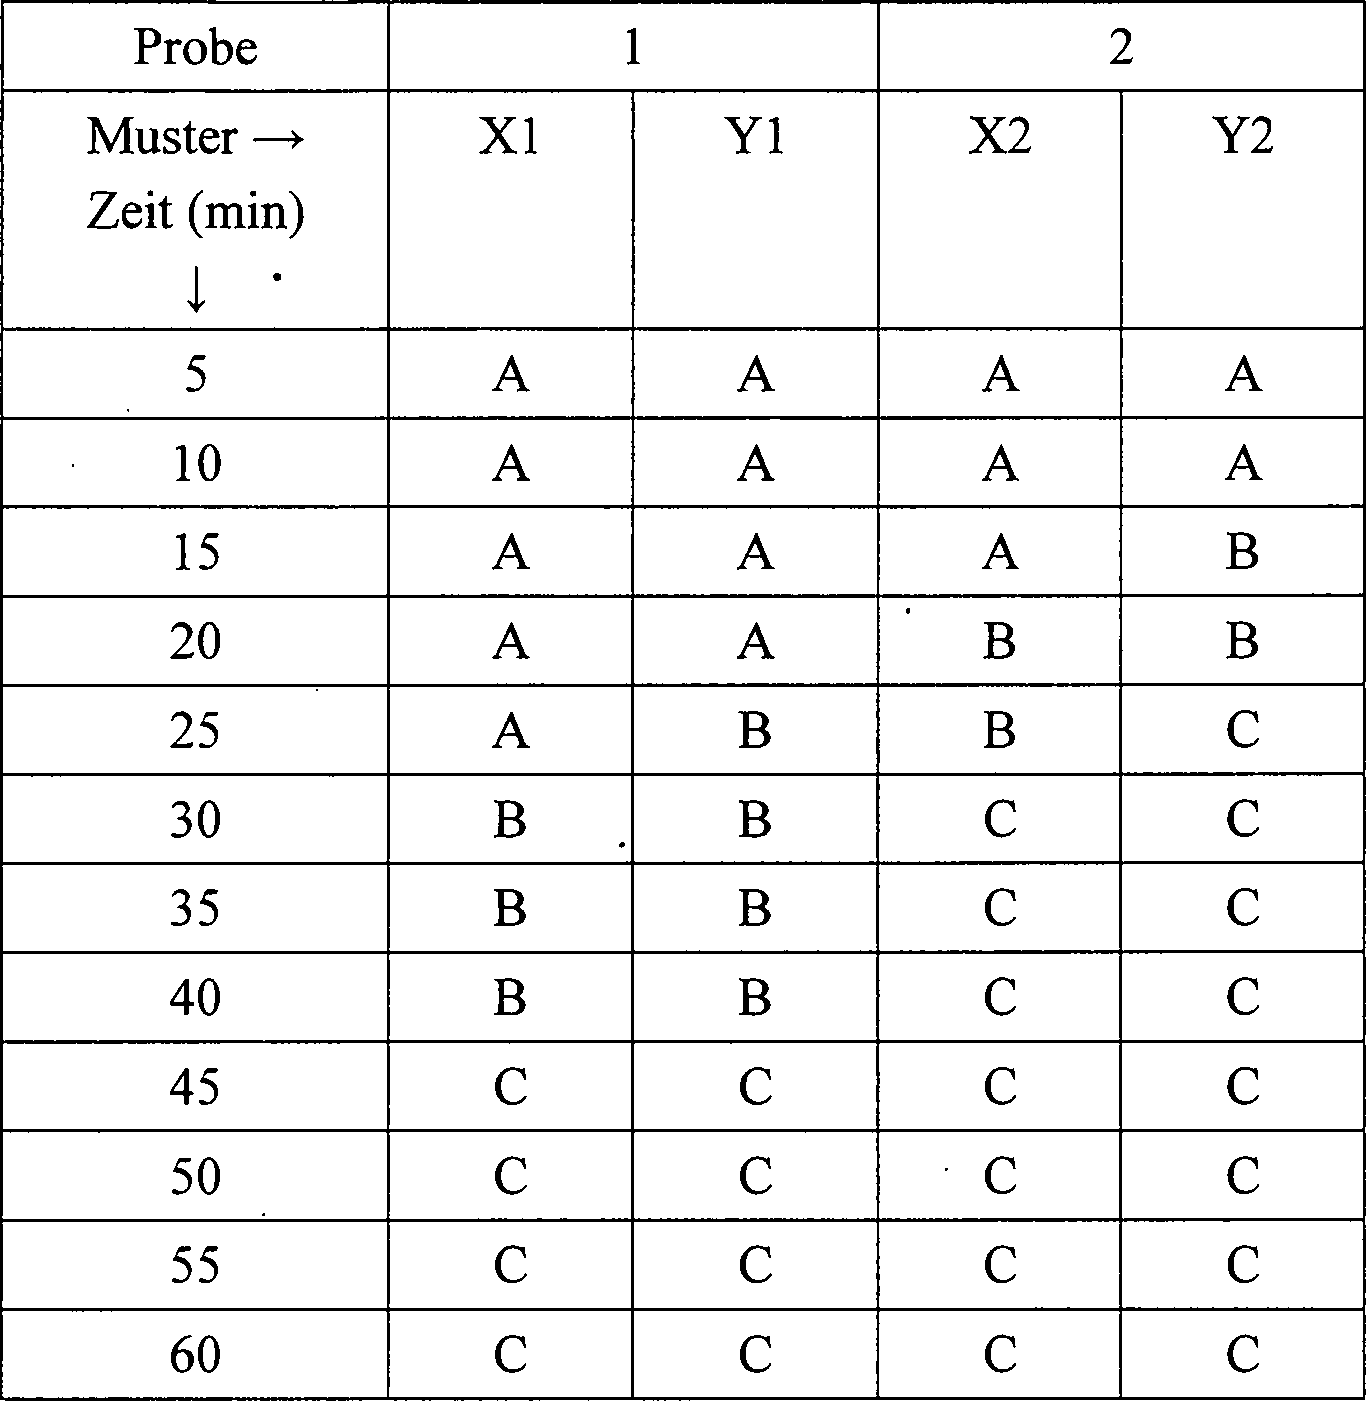 Figure DE202014011155U1_0002